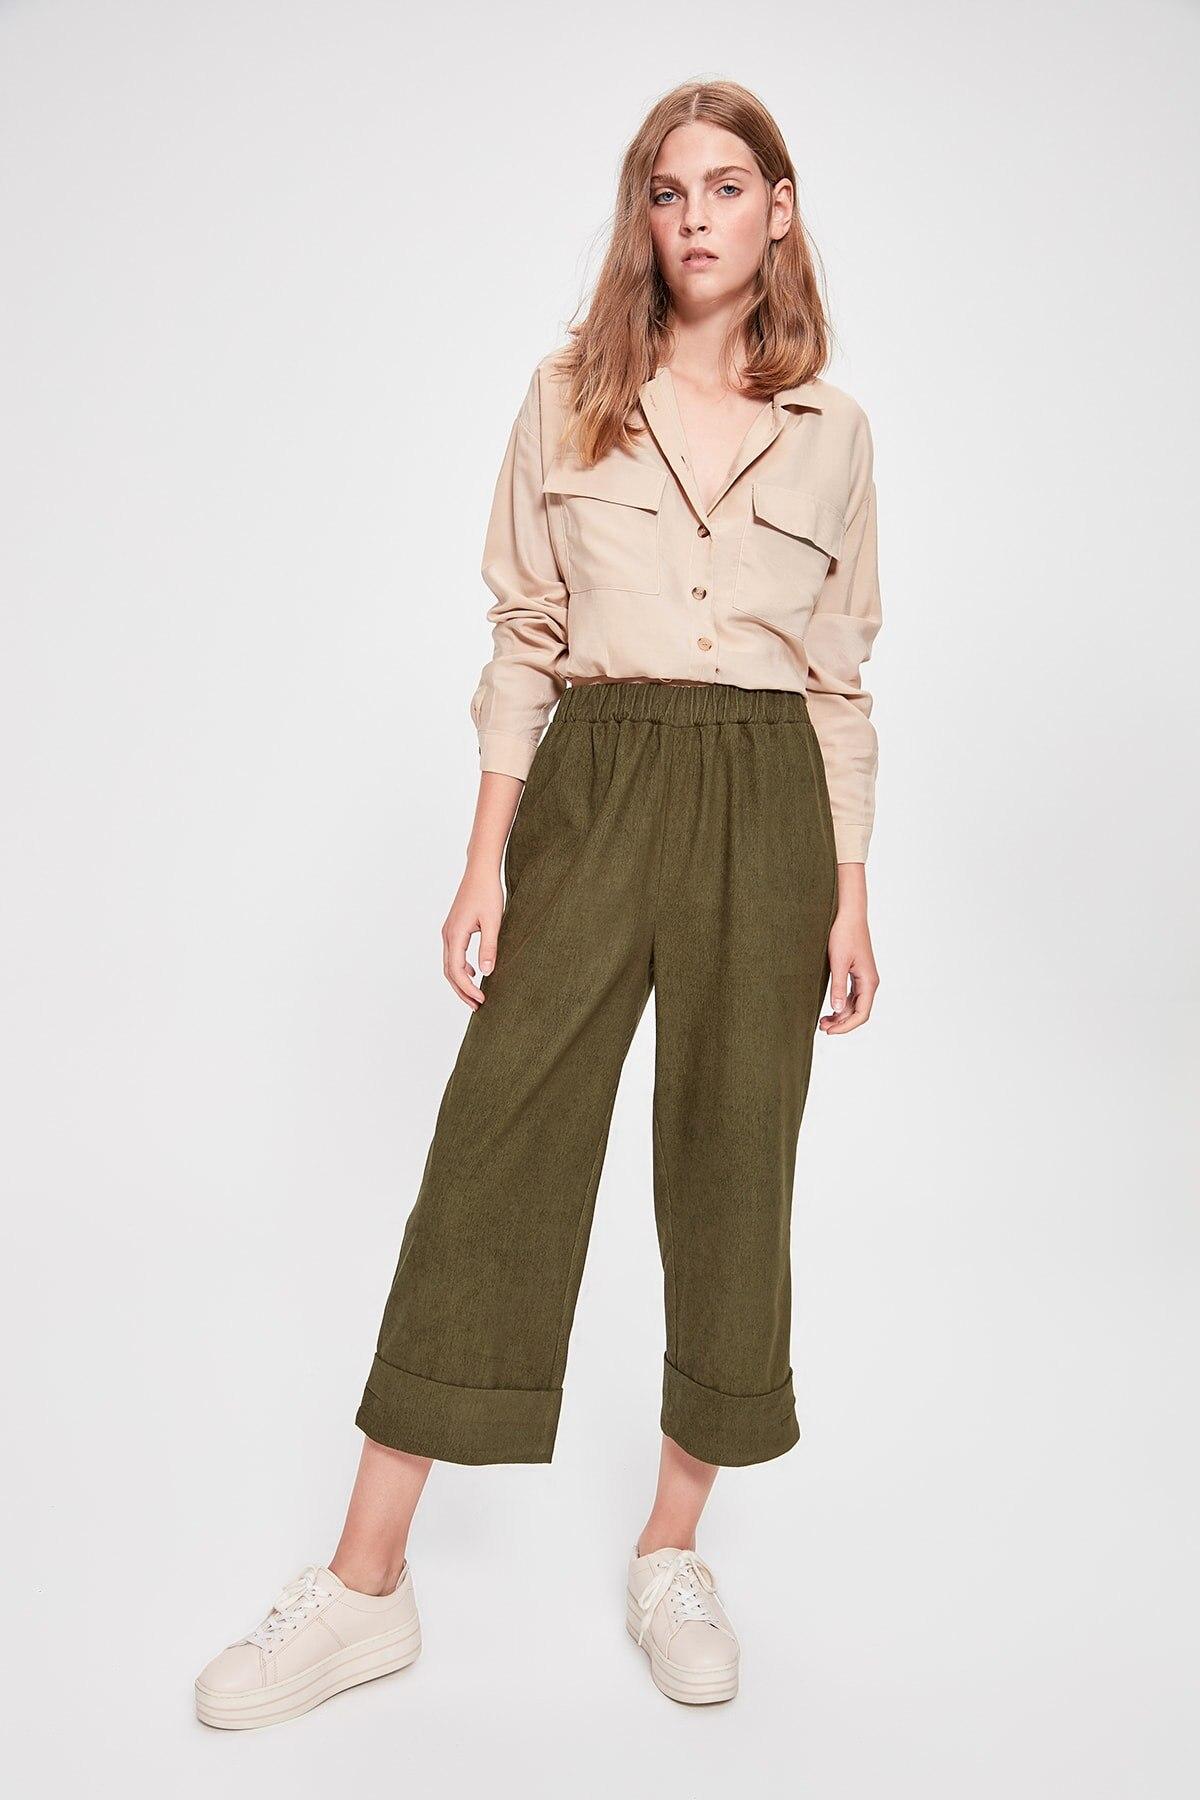 Trendyol Khaki Rubber Detailed Pants TWOAW20PL0053